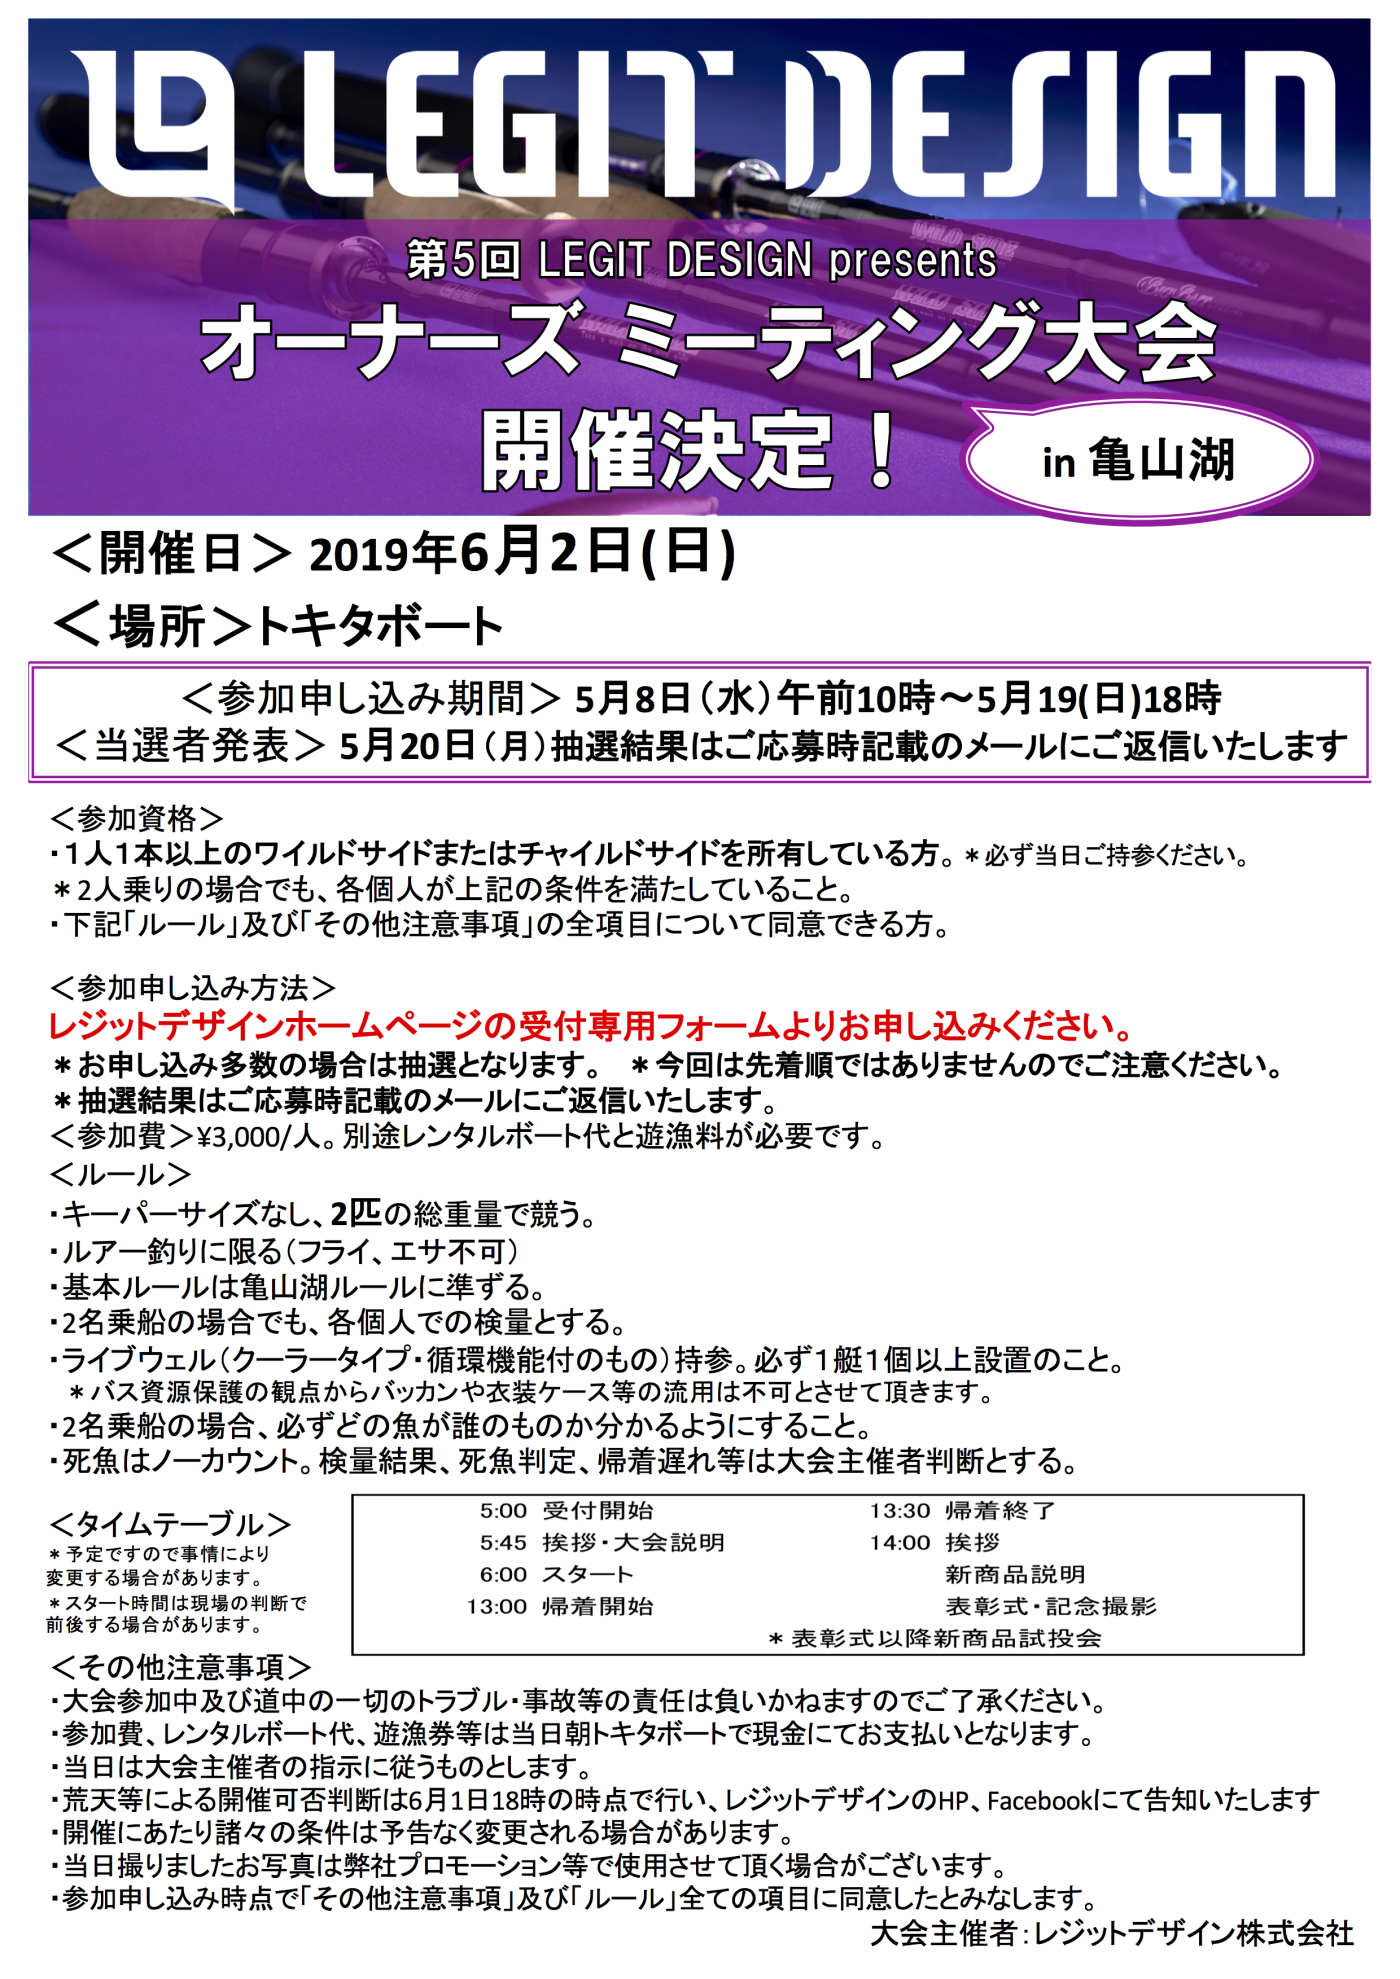 亀山イベント告知、受付票JPG